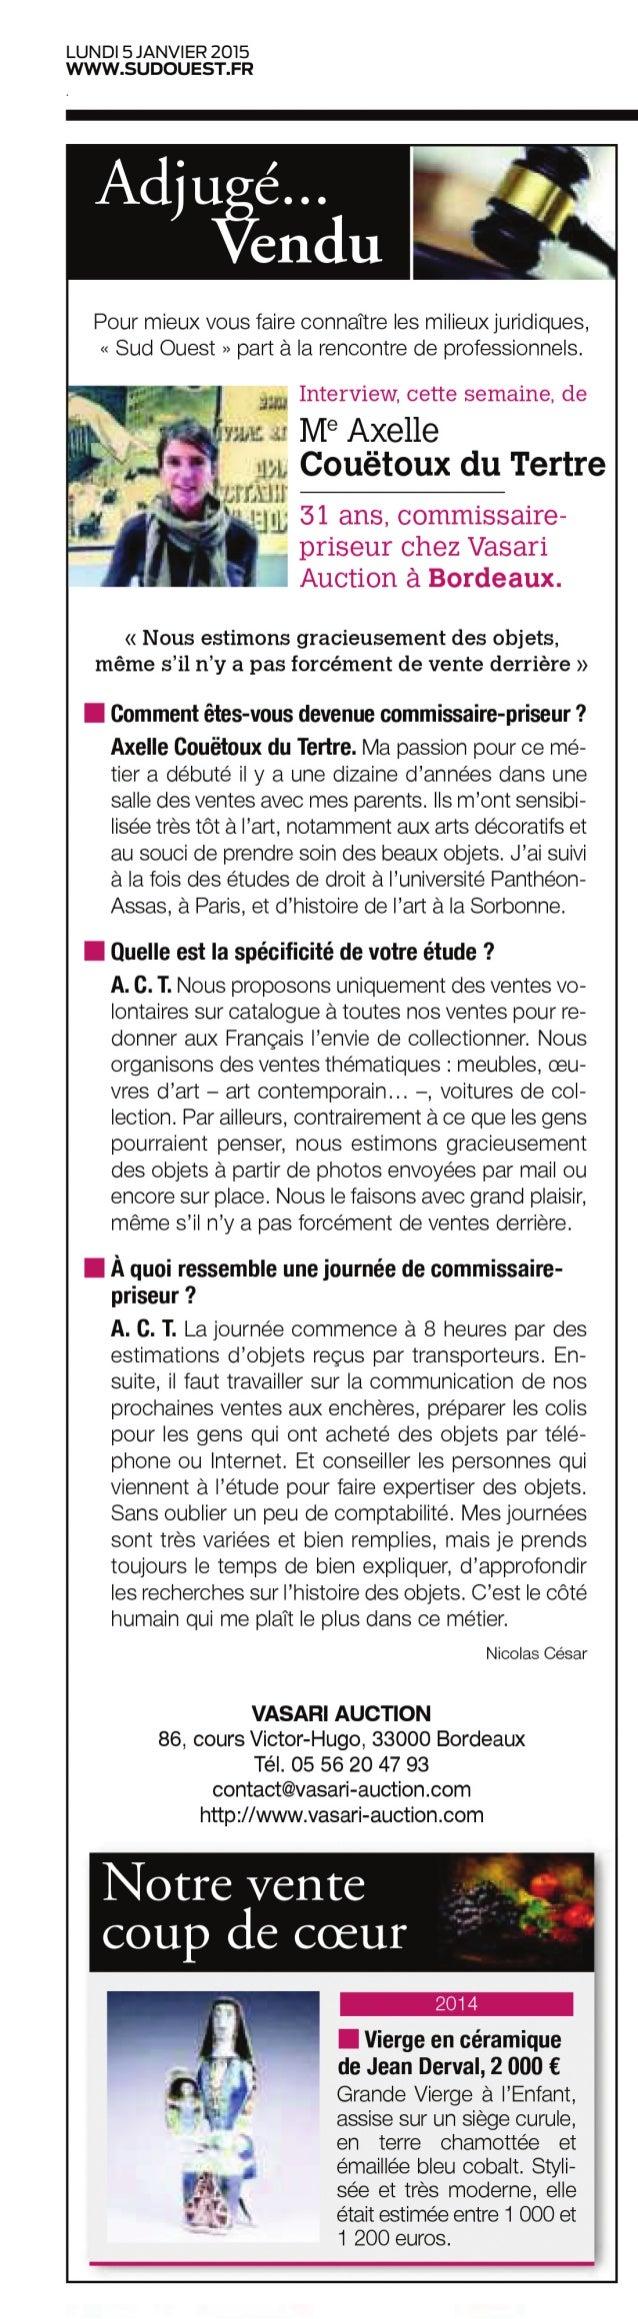 Interview Axelle Couëtoux du Tertre, commissaire-priseur chez Vasari Auction Bordeaux